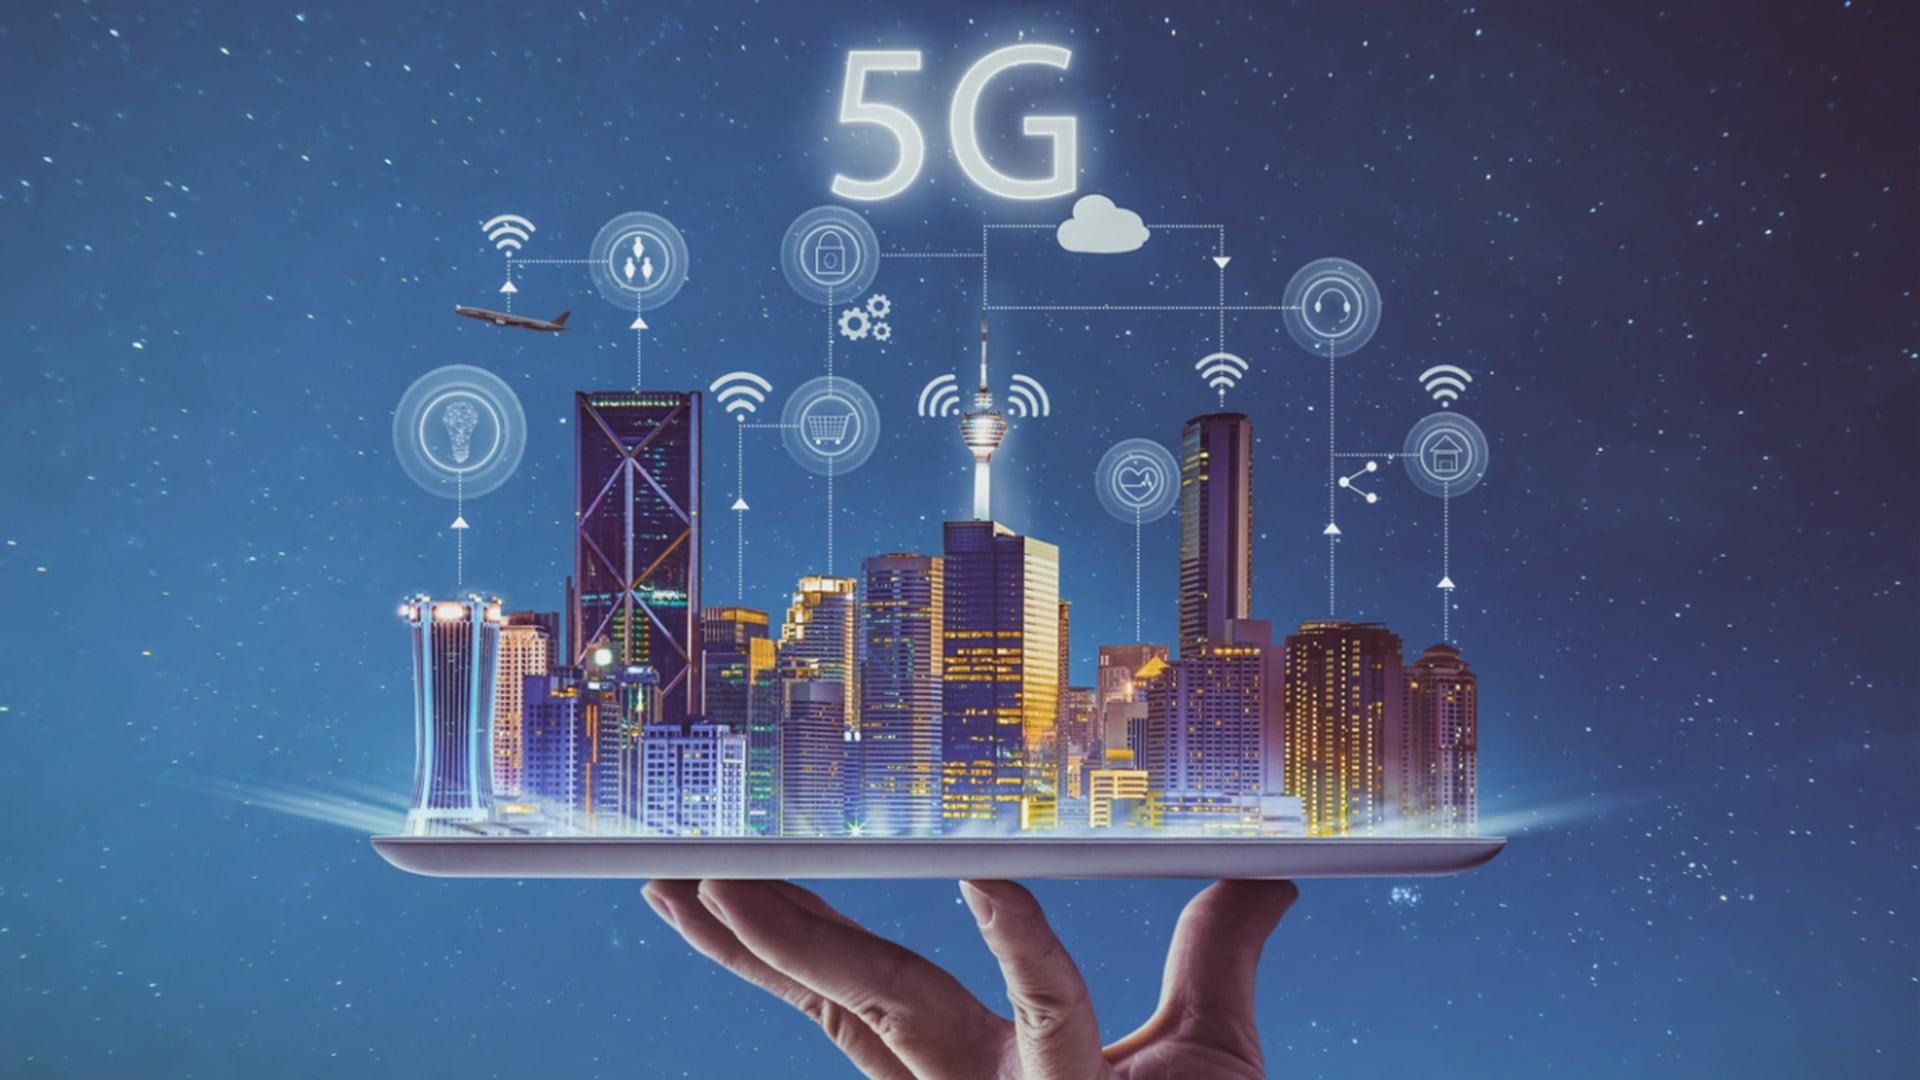 L'avvento del 5G apre nuove prospettive qualitative di vita